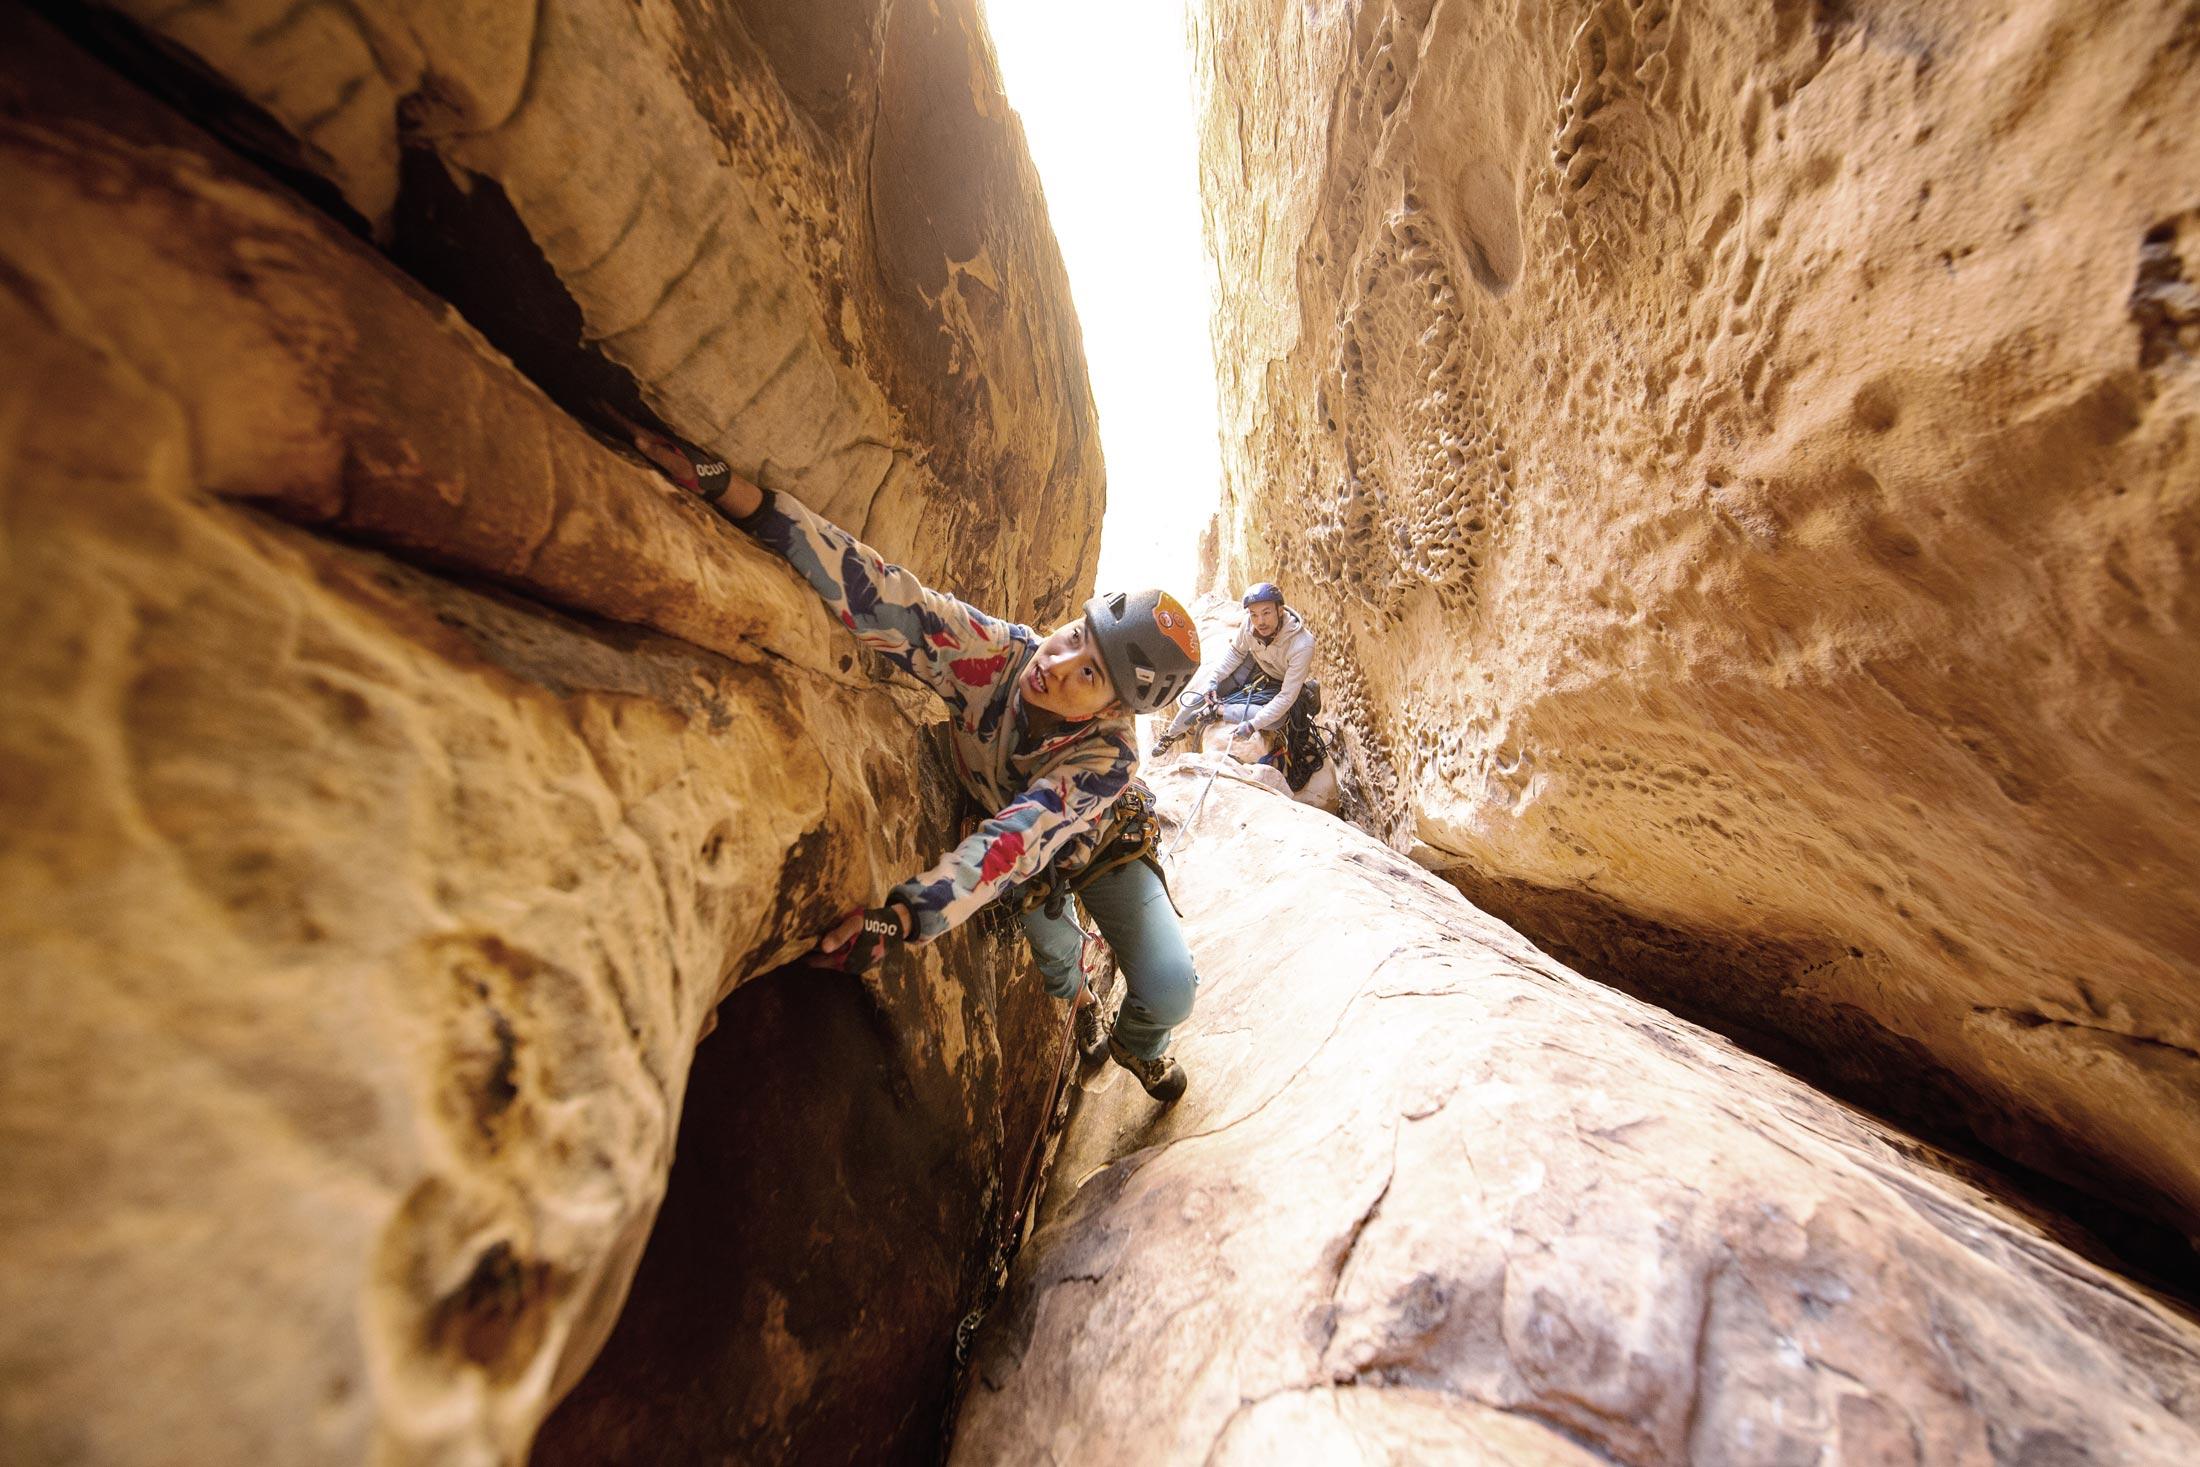 Julie Tsai in Red Rock Canyon.